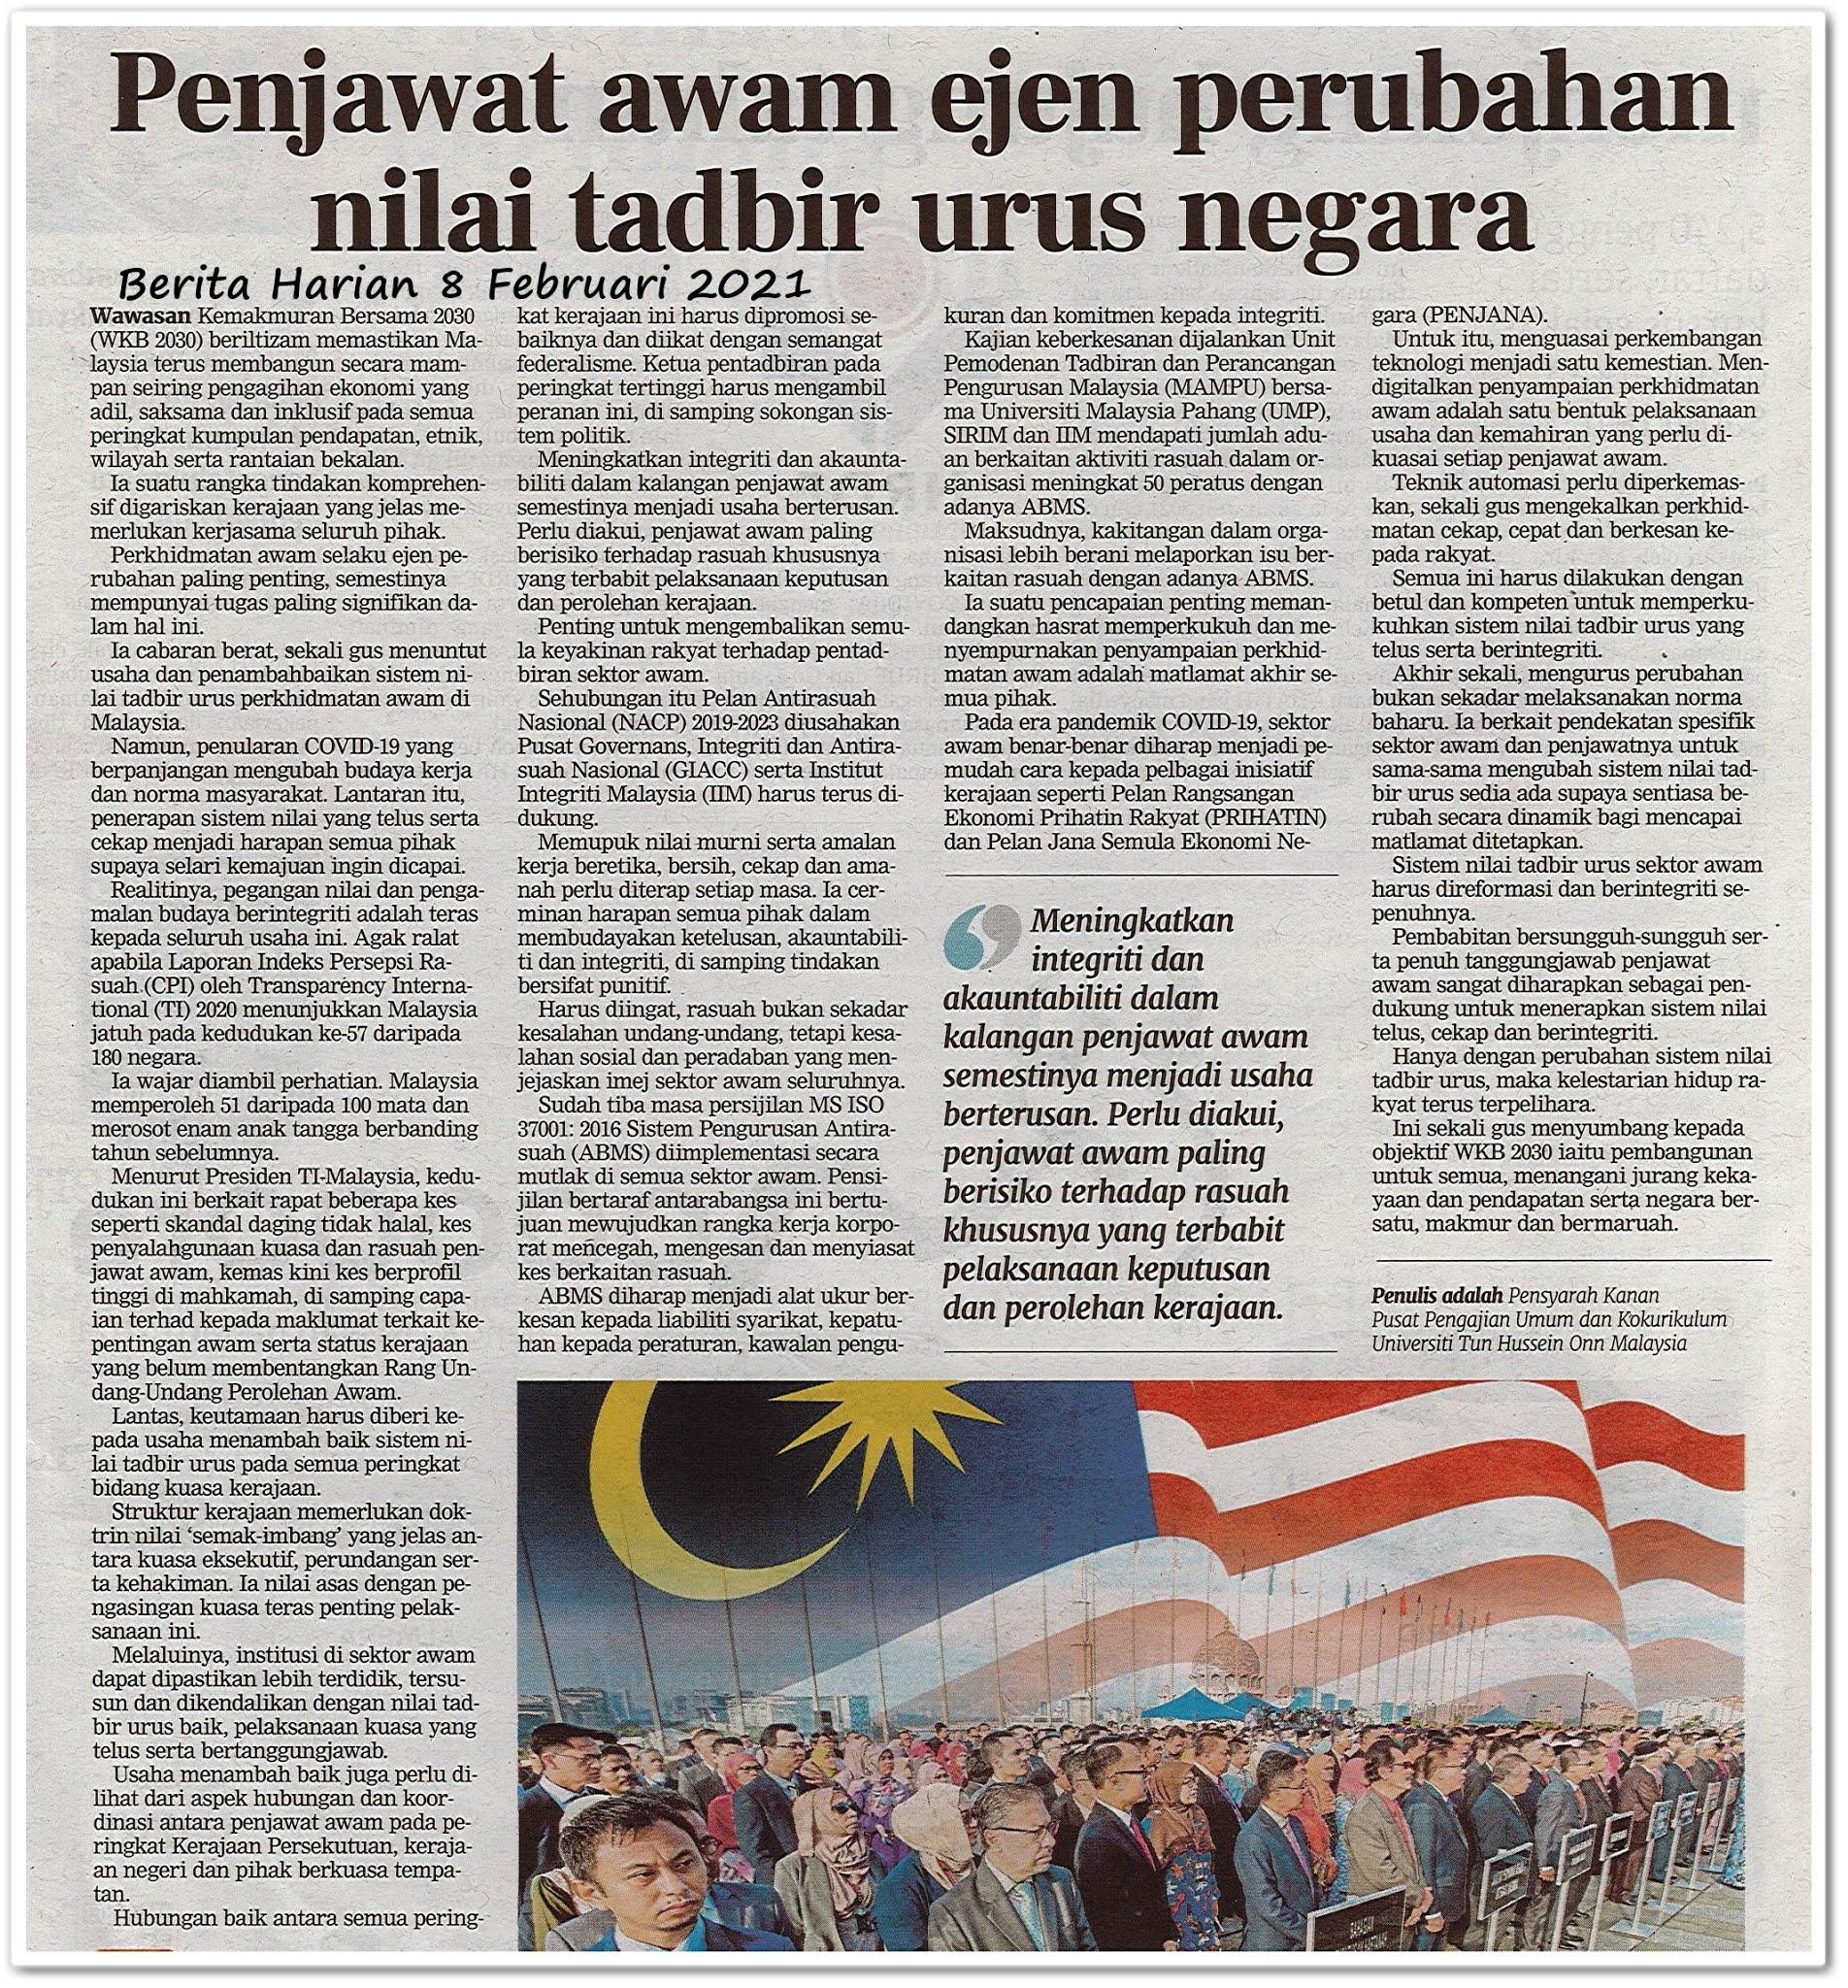 Penjawat awam ejen perubahan nilai tadbir urus negara - Keratan akhbar Berita Harian 8 Februari 2021